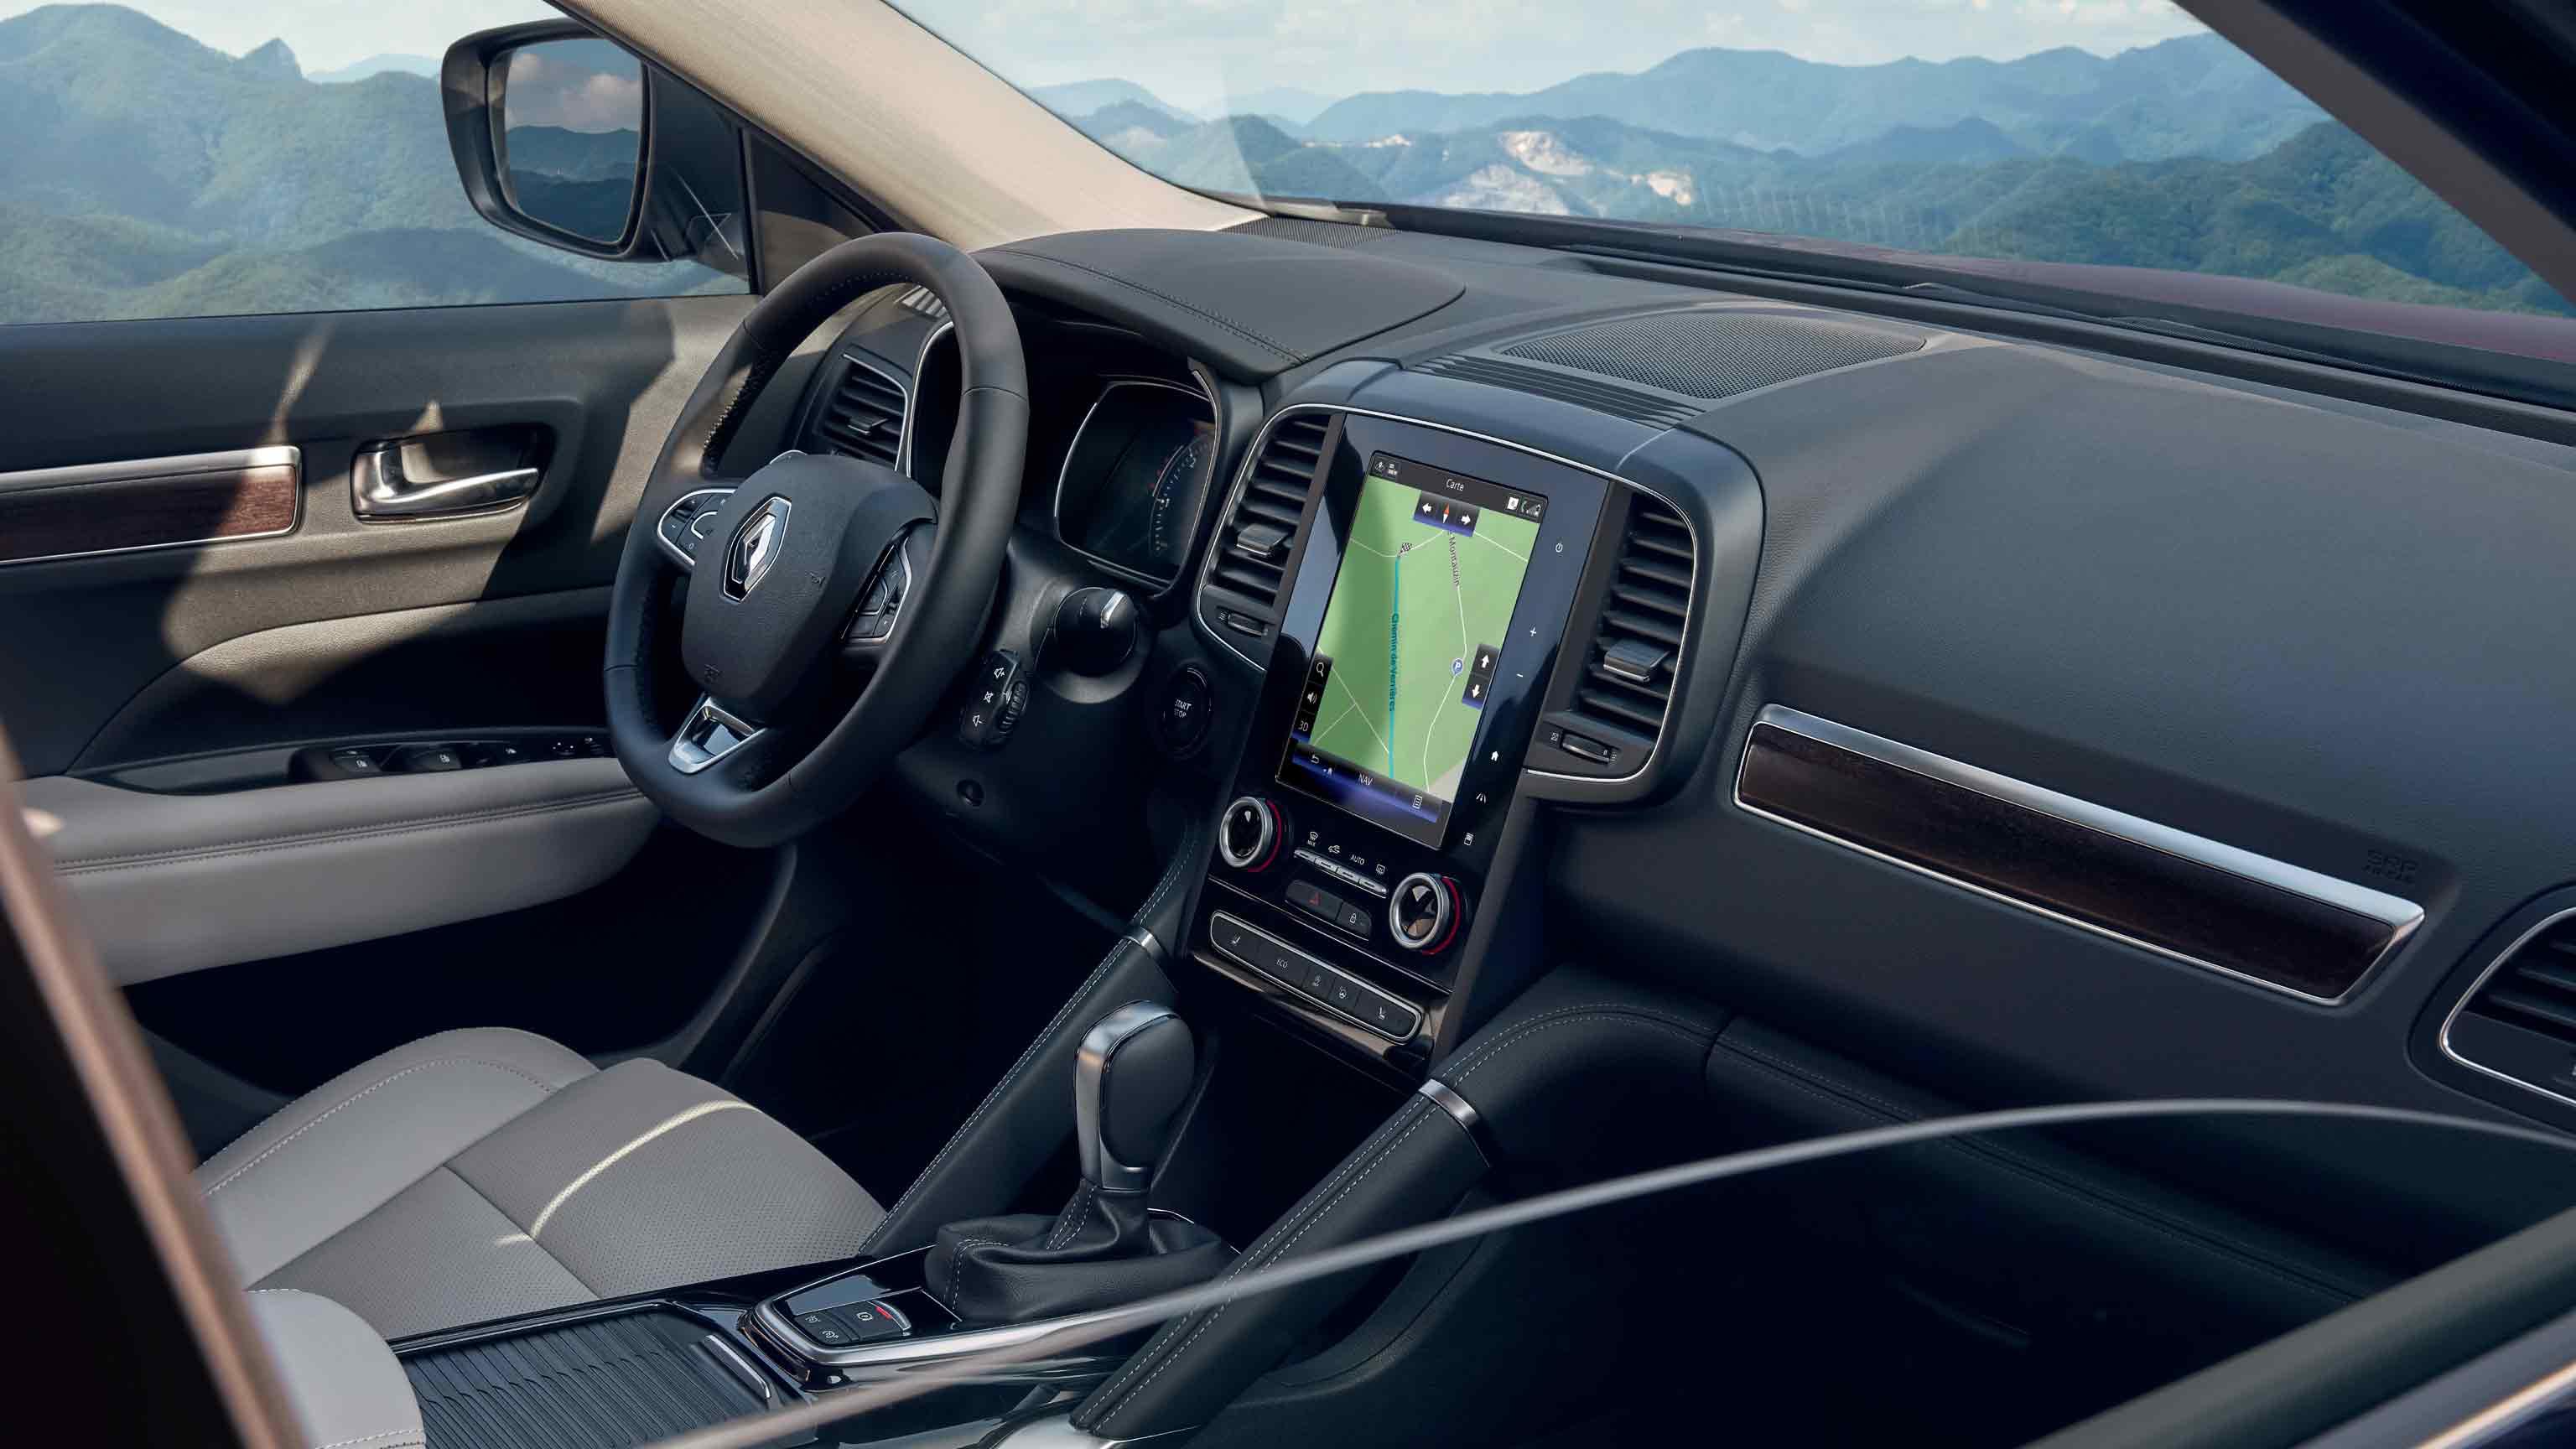 Renault Koleos Autozentren P&A - Preckel